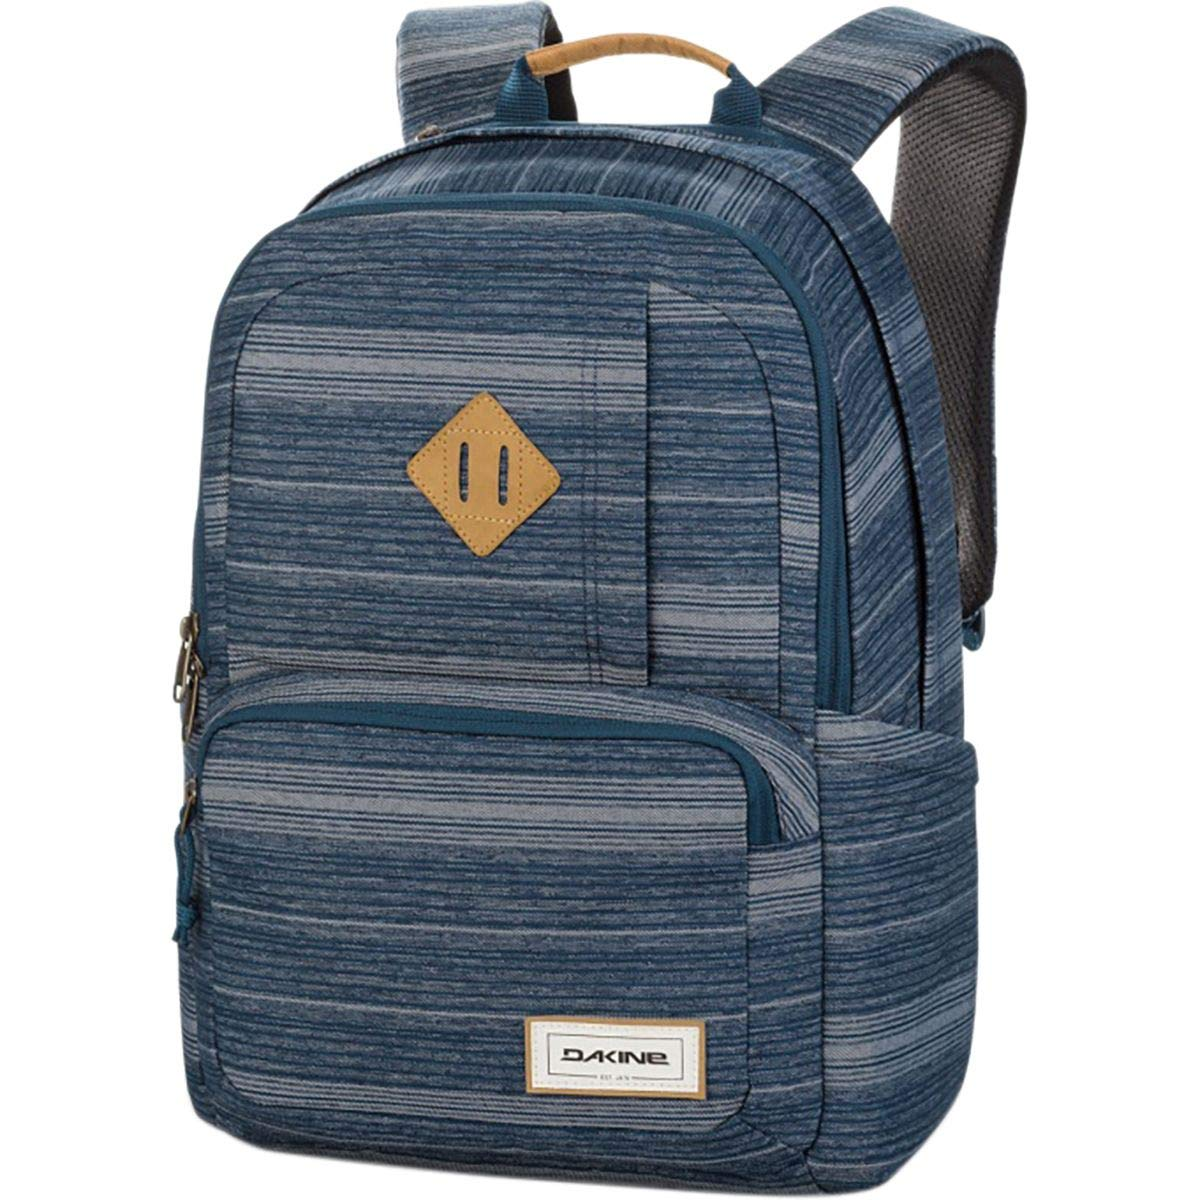 (ダカイン) DAKINE Alexa 24L Backpack - Women'sレディース バックパック リュック Cloudbreak [並行輸入品]   B07H5CKSHB